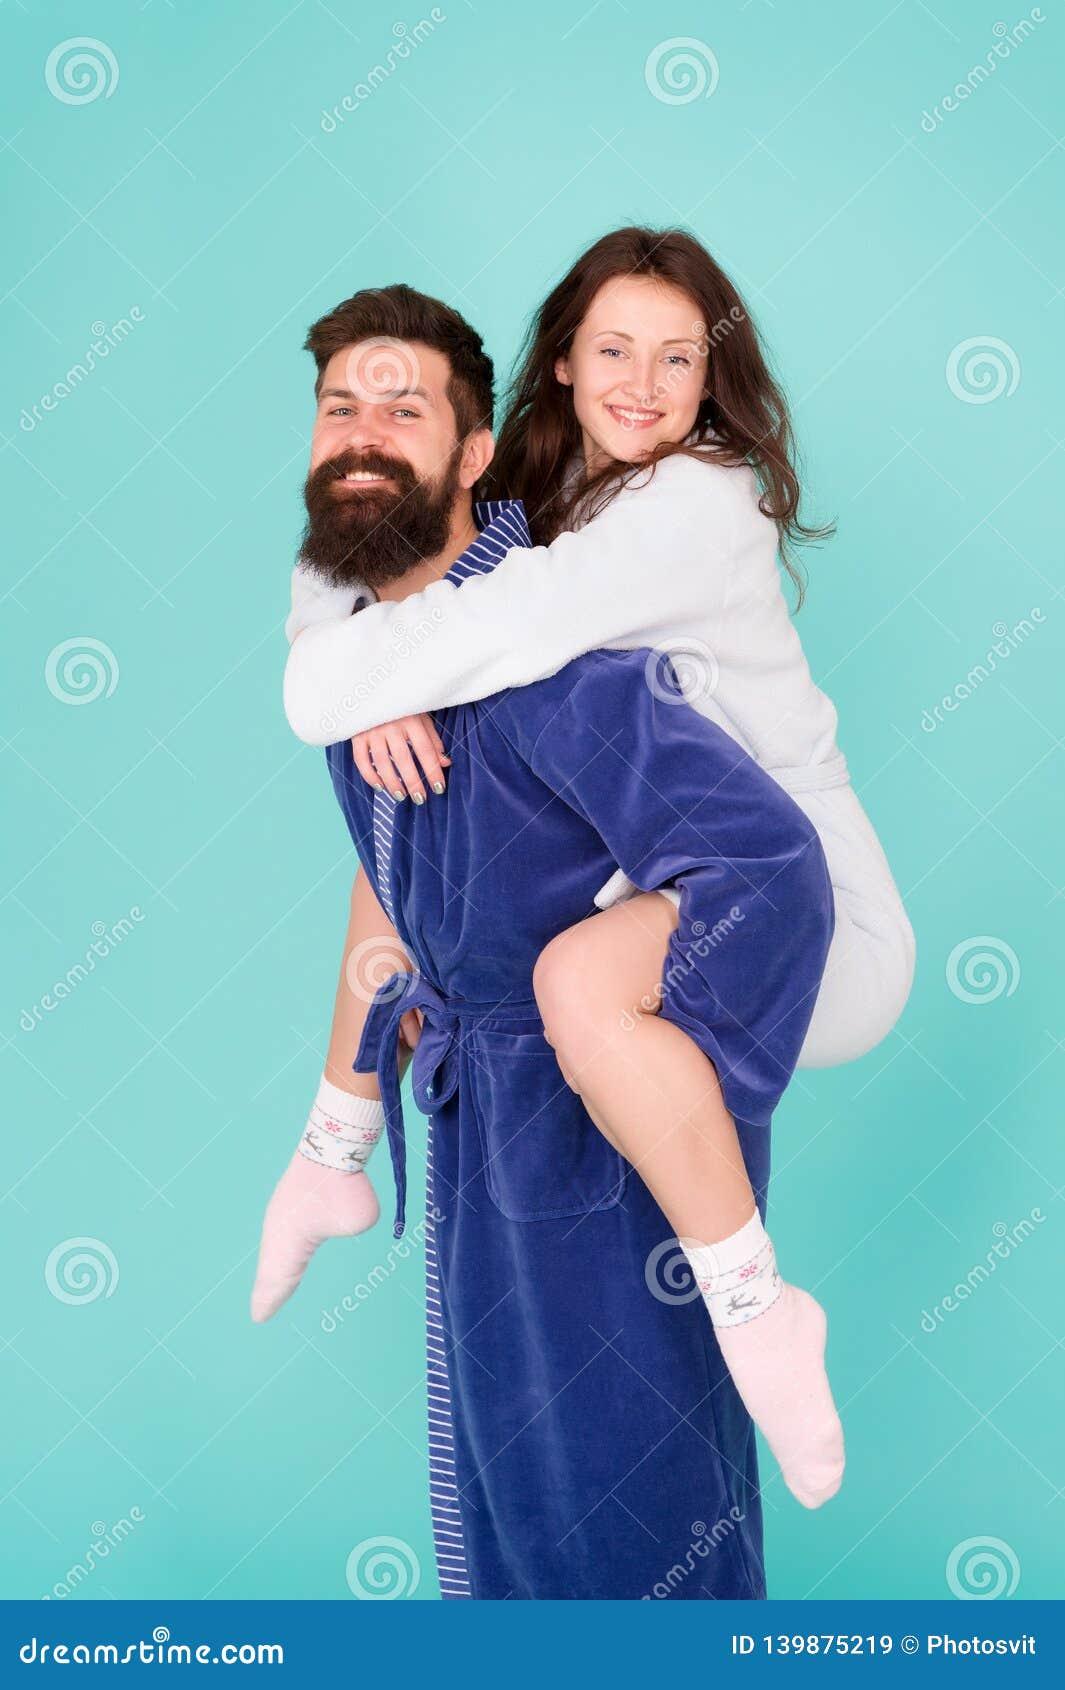 Buenos días o Pares en amor Familia Amor y romance Familia feliz por mañana Hombre barbudo y